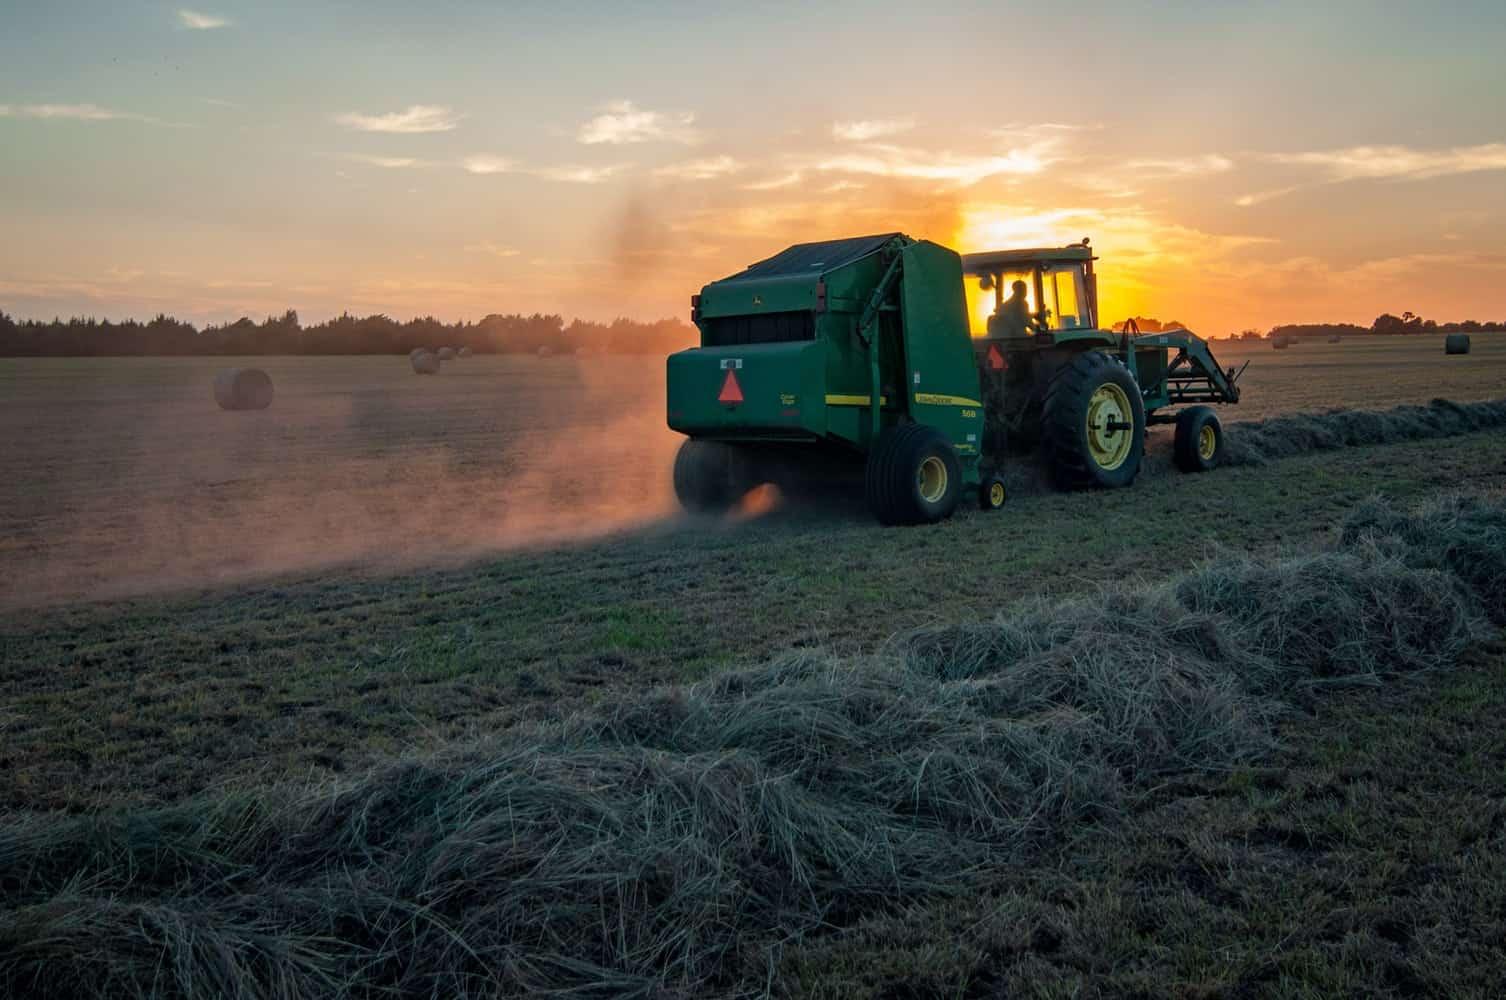 Tracteur et soleil couchant dans un champ